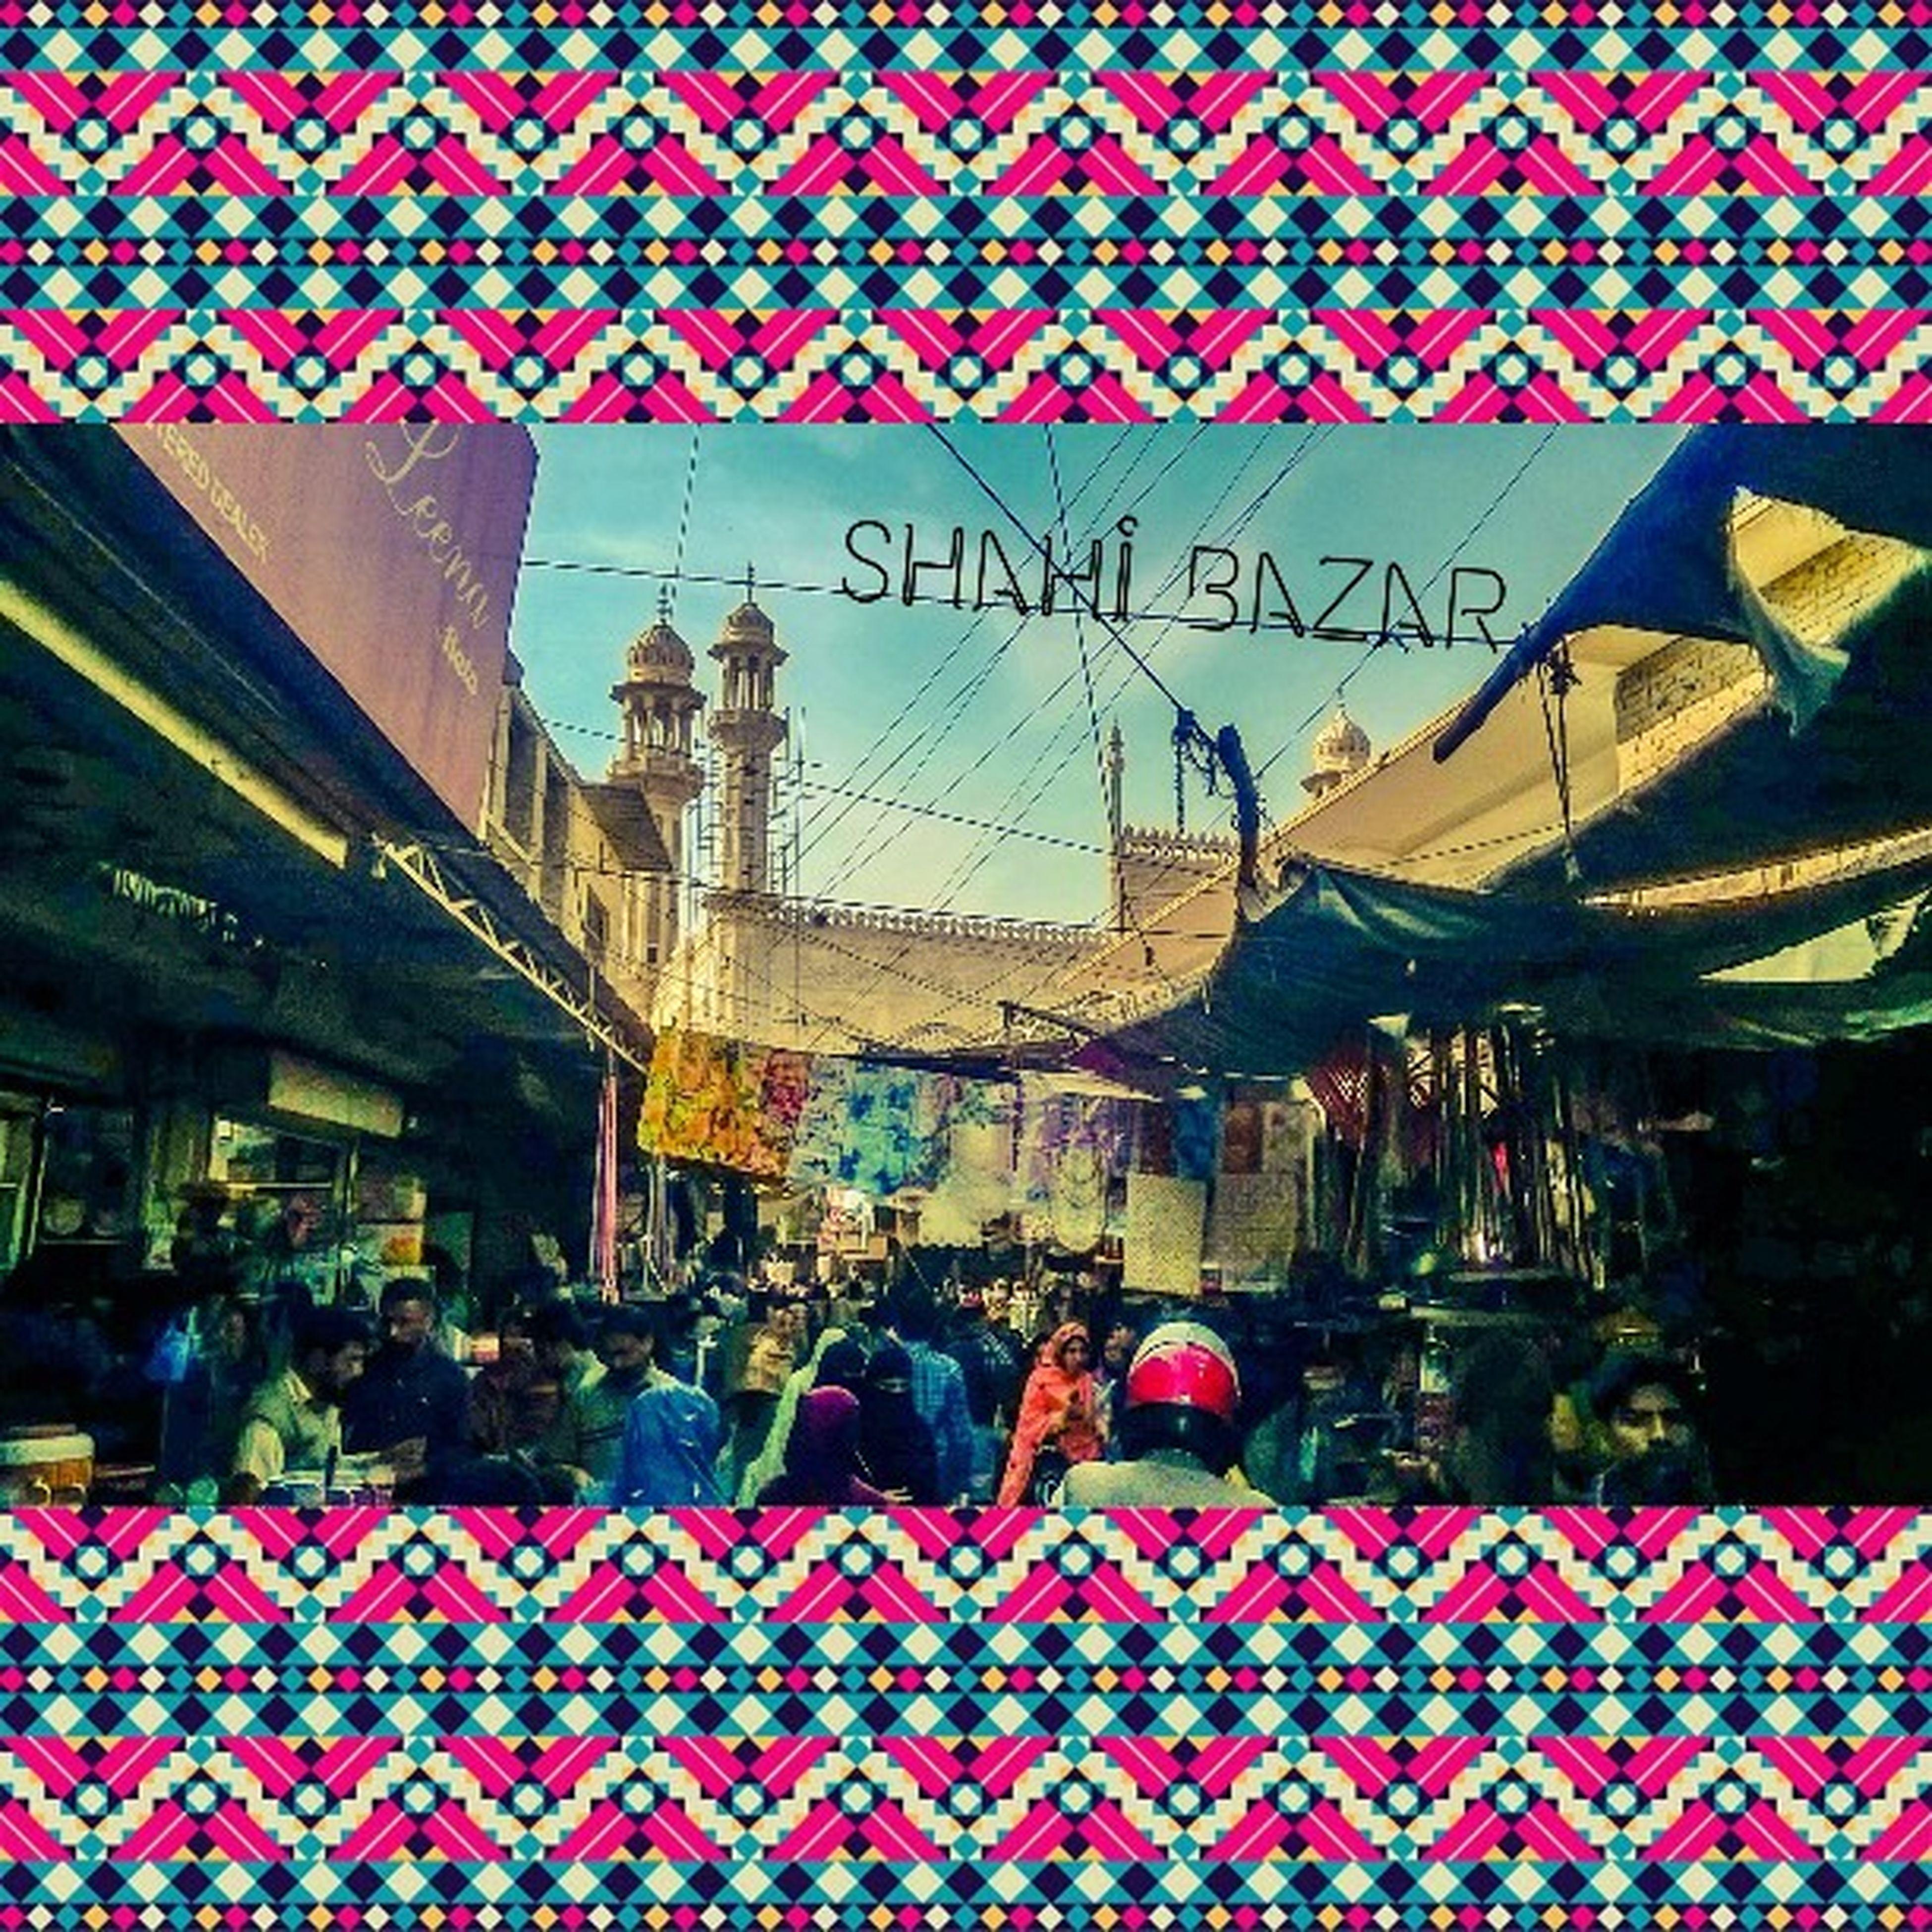 Deep in my land BaghdaAlJadeed ShahiBazar Bahawalpur AlsadiqMosque Wanderer Pedalinsan